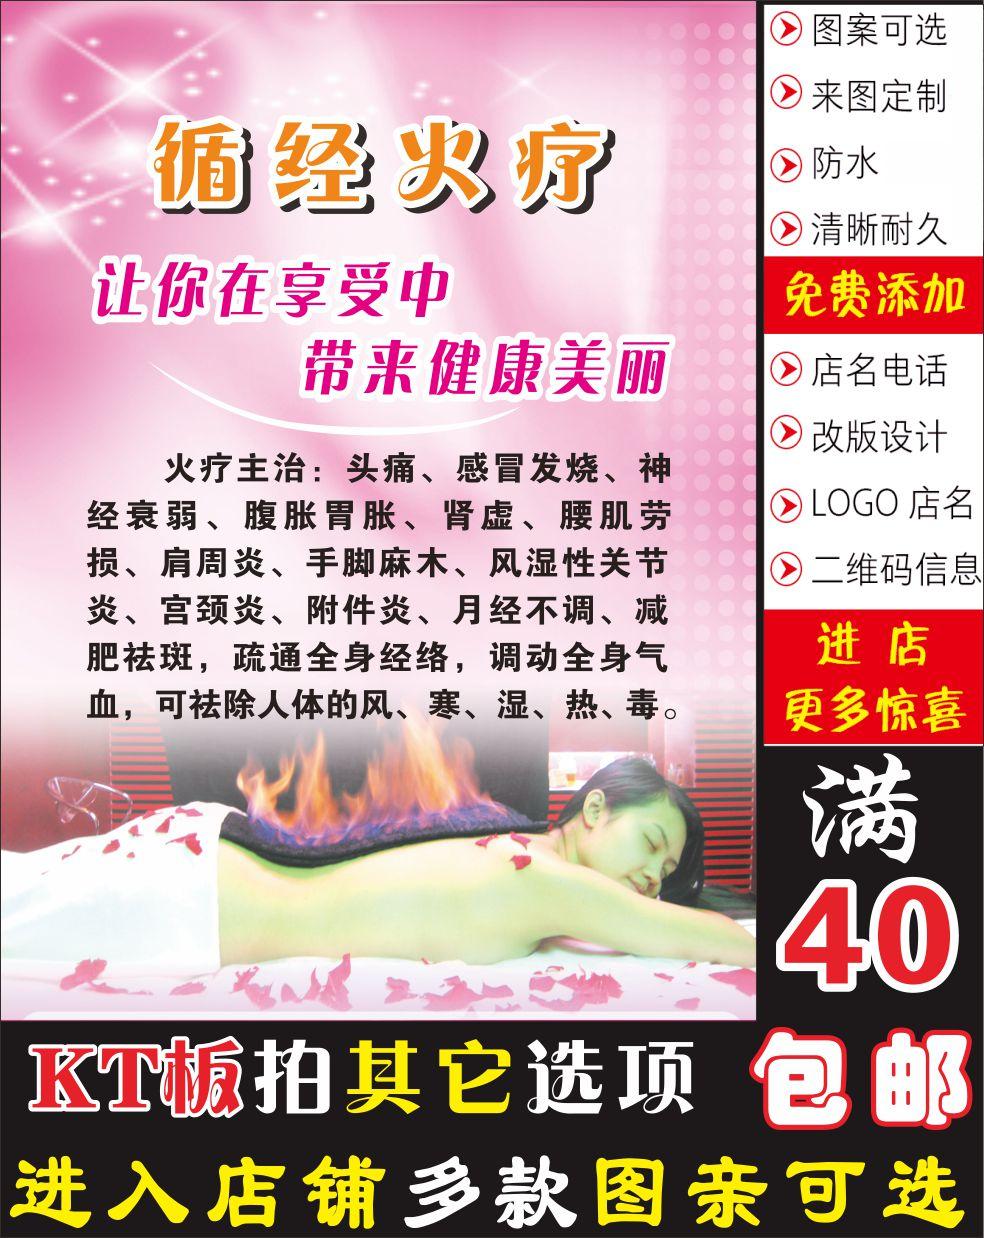 按摩推油�9��y�-yol_中医推拿按摩足浴艾灸刮痧火罐采耳推油火疗保健养生挂图海报173